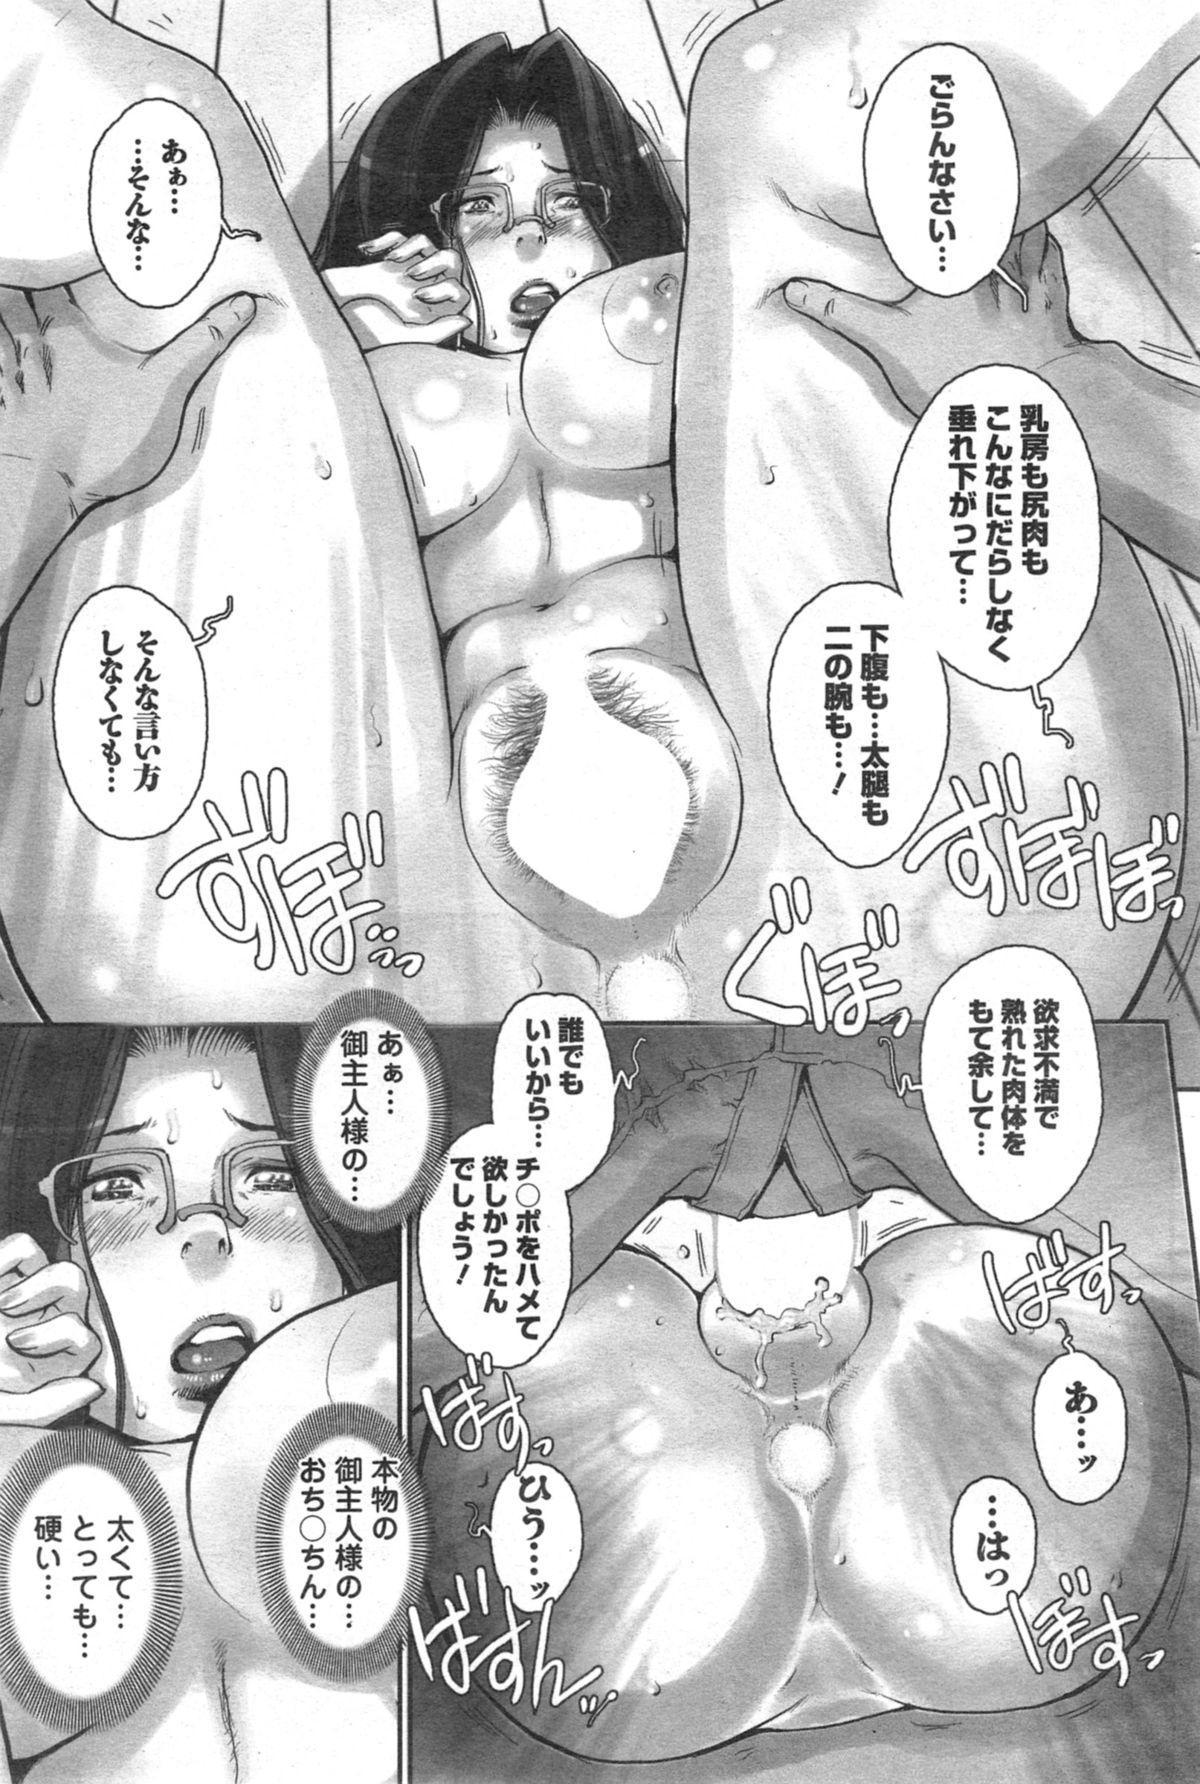 Ōse no mama ni Ch.3 10